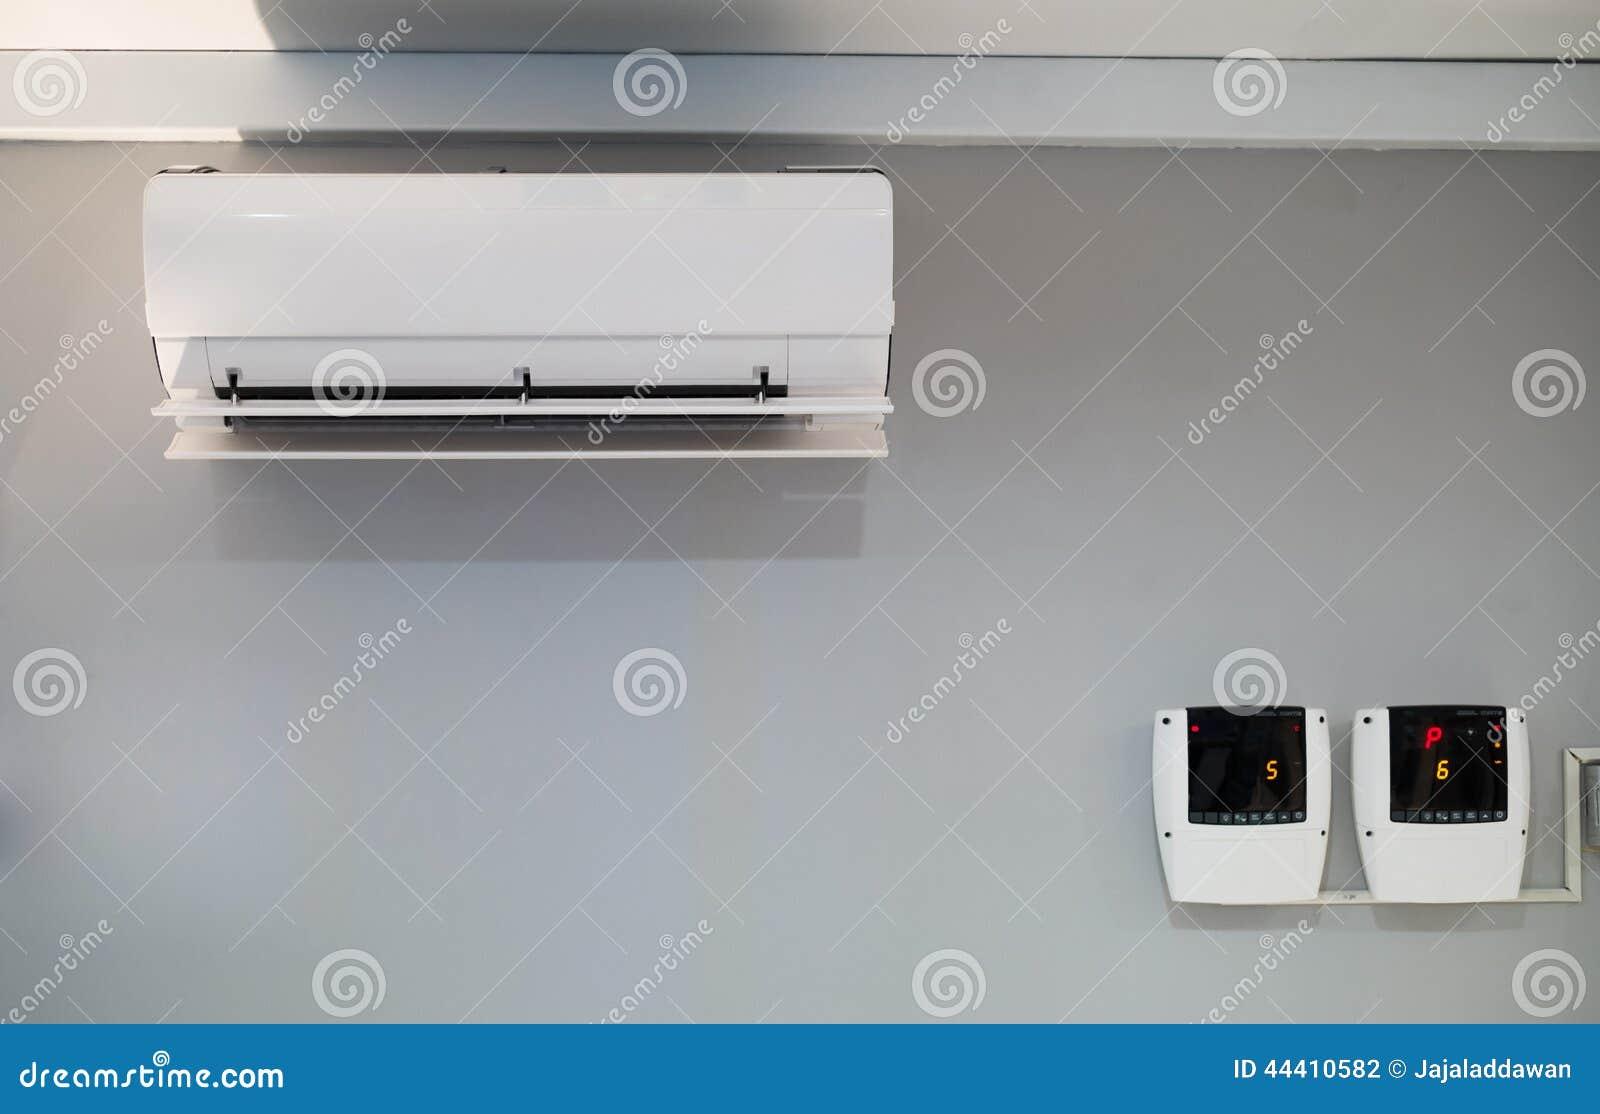 Cyfrowy termometr i wilgotność metr